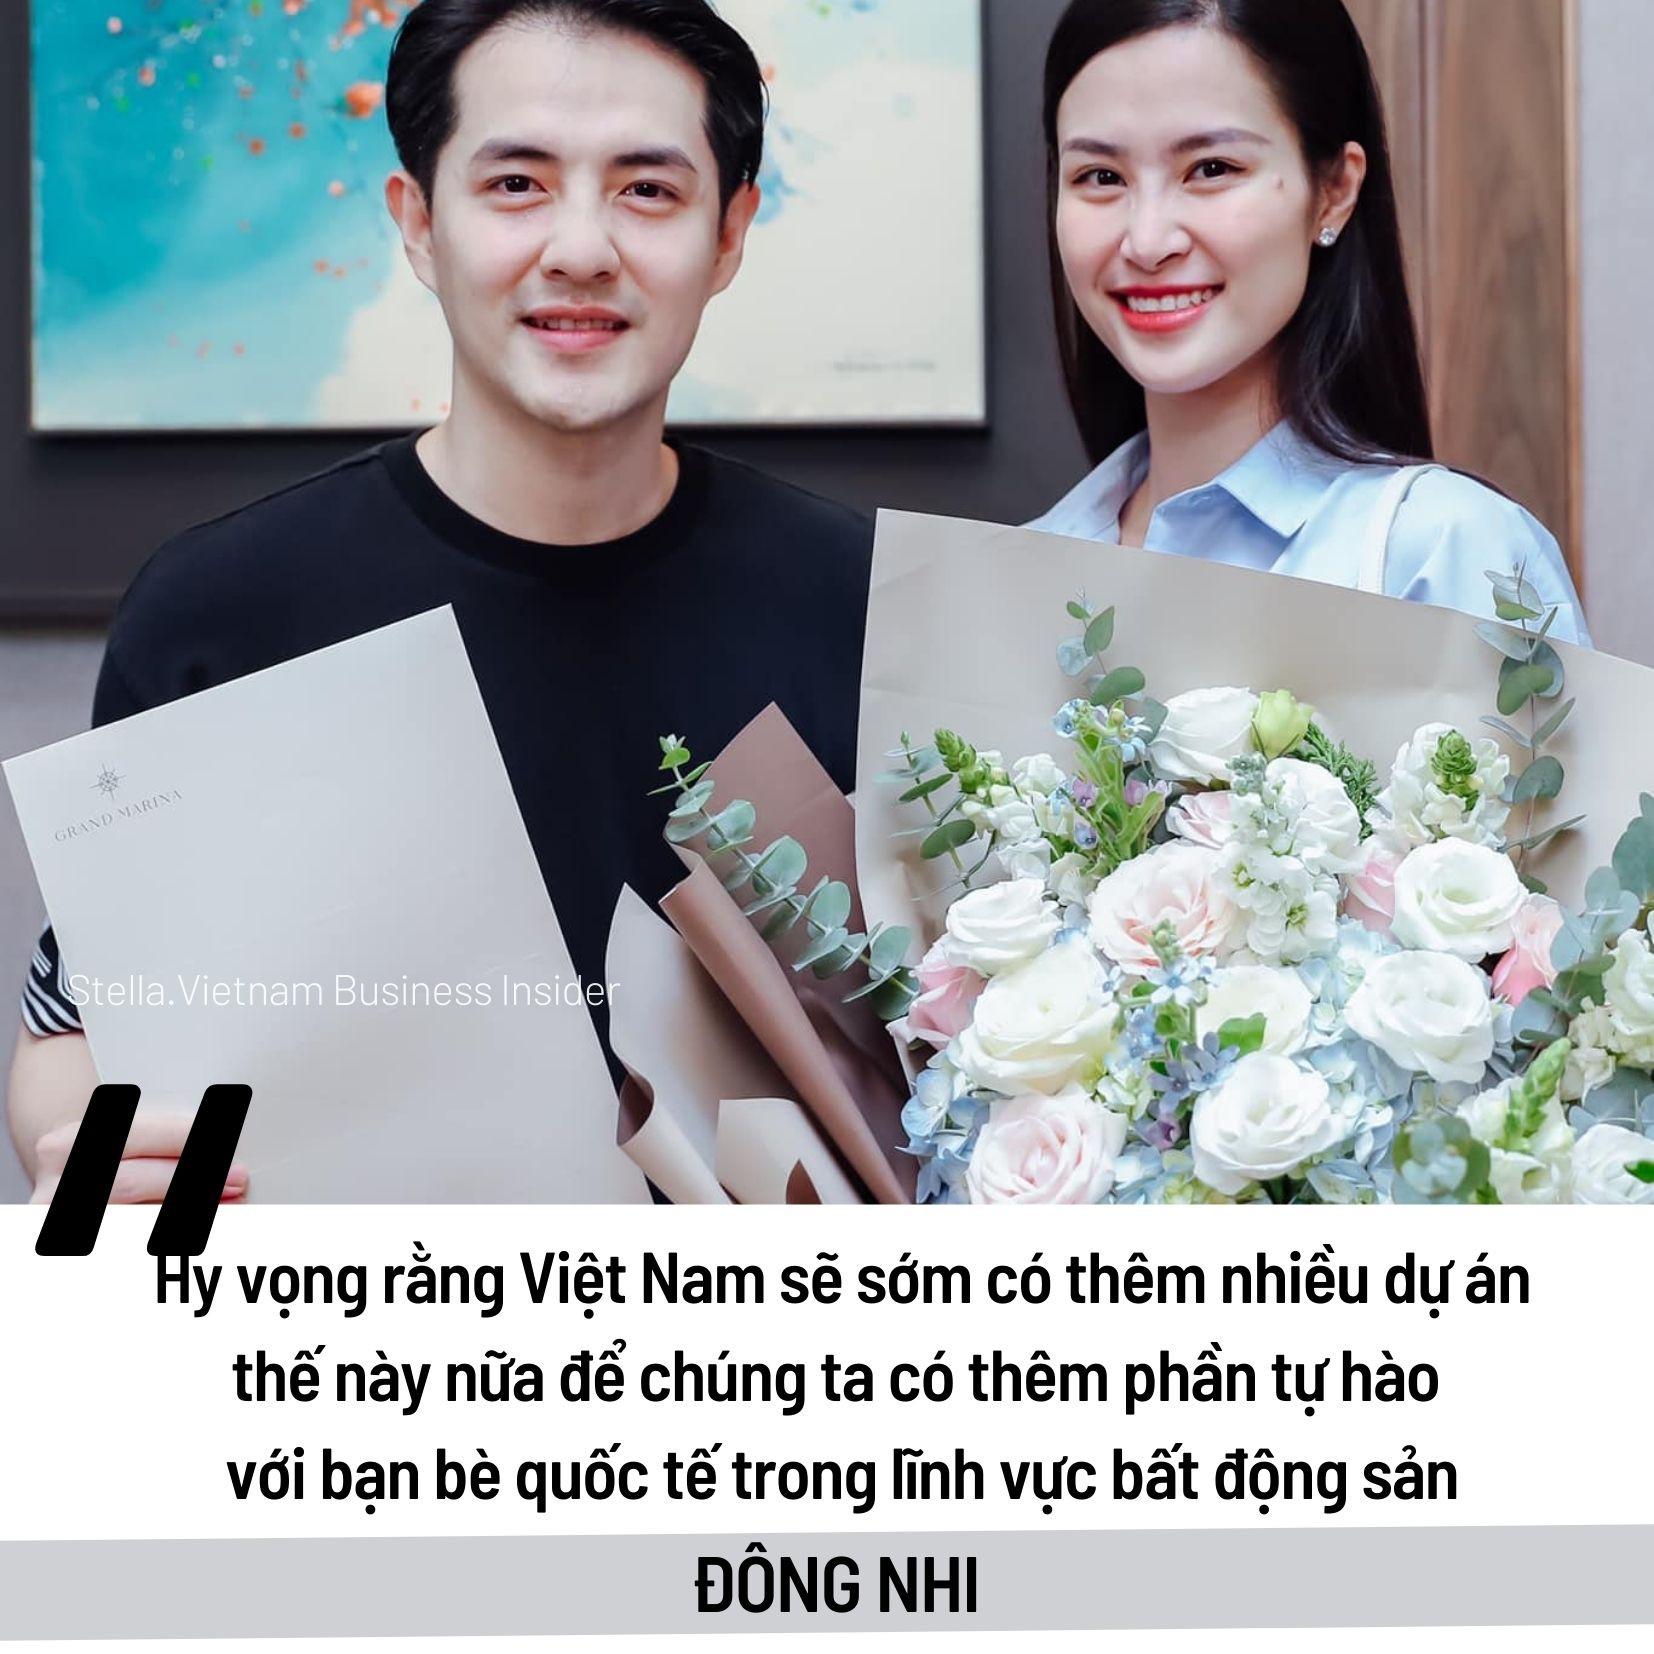 vietnambusinessinsider-12-1621403126.jpg